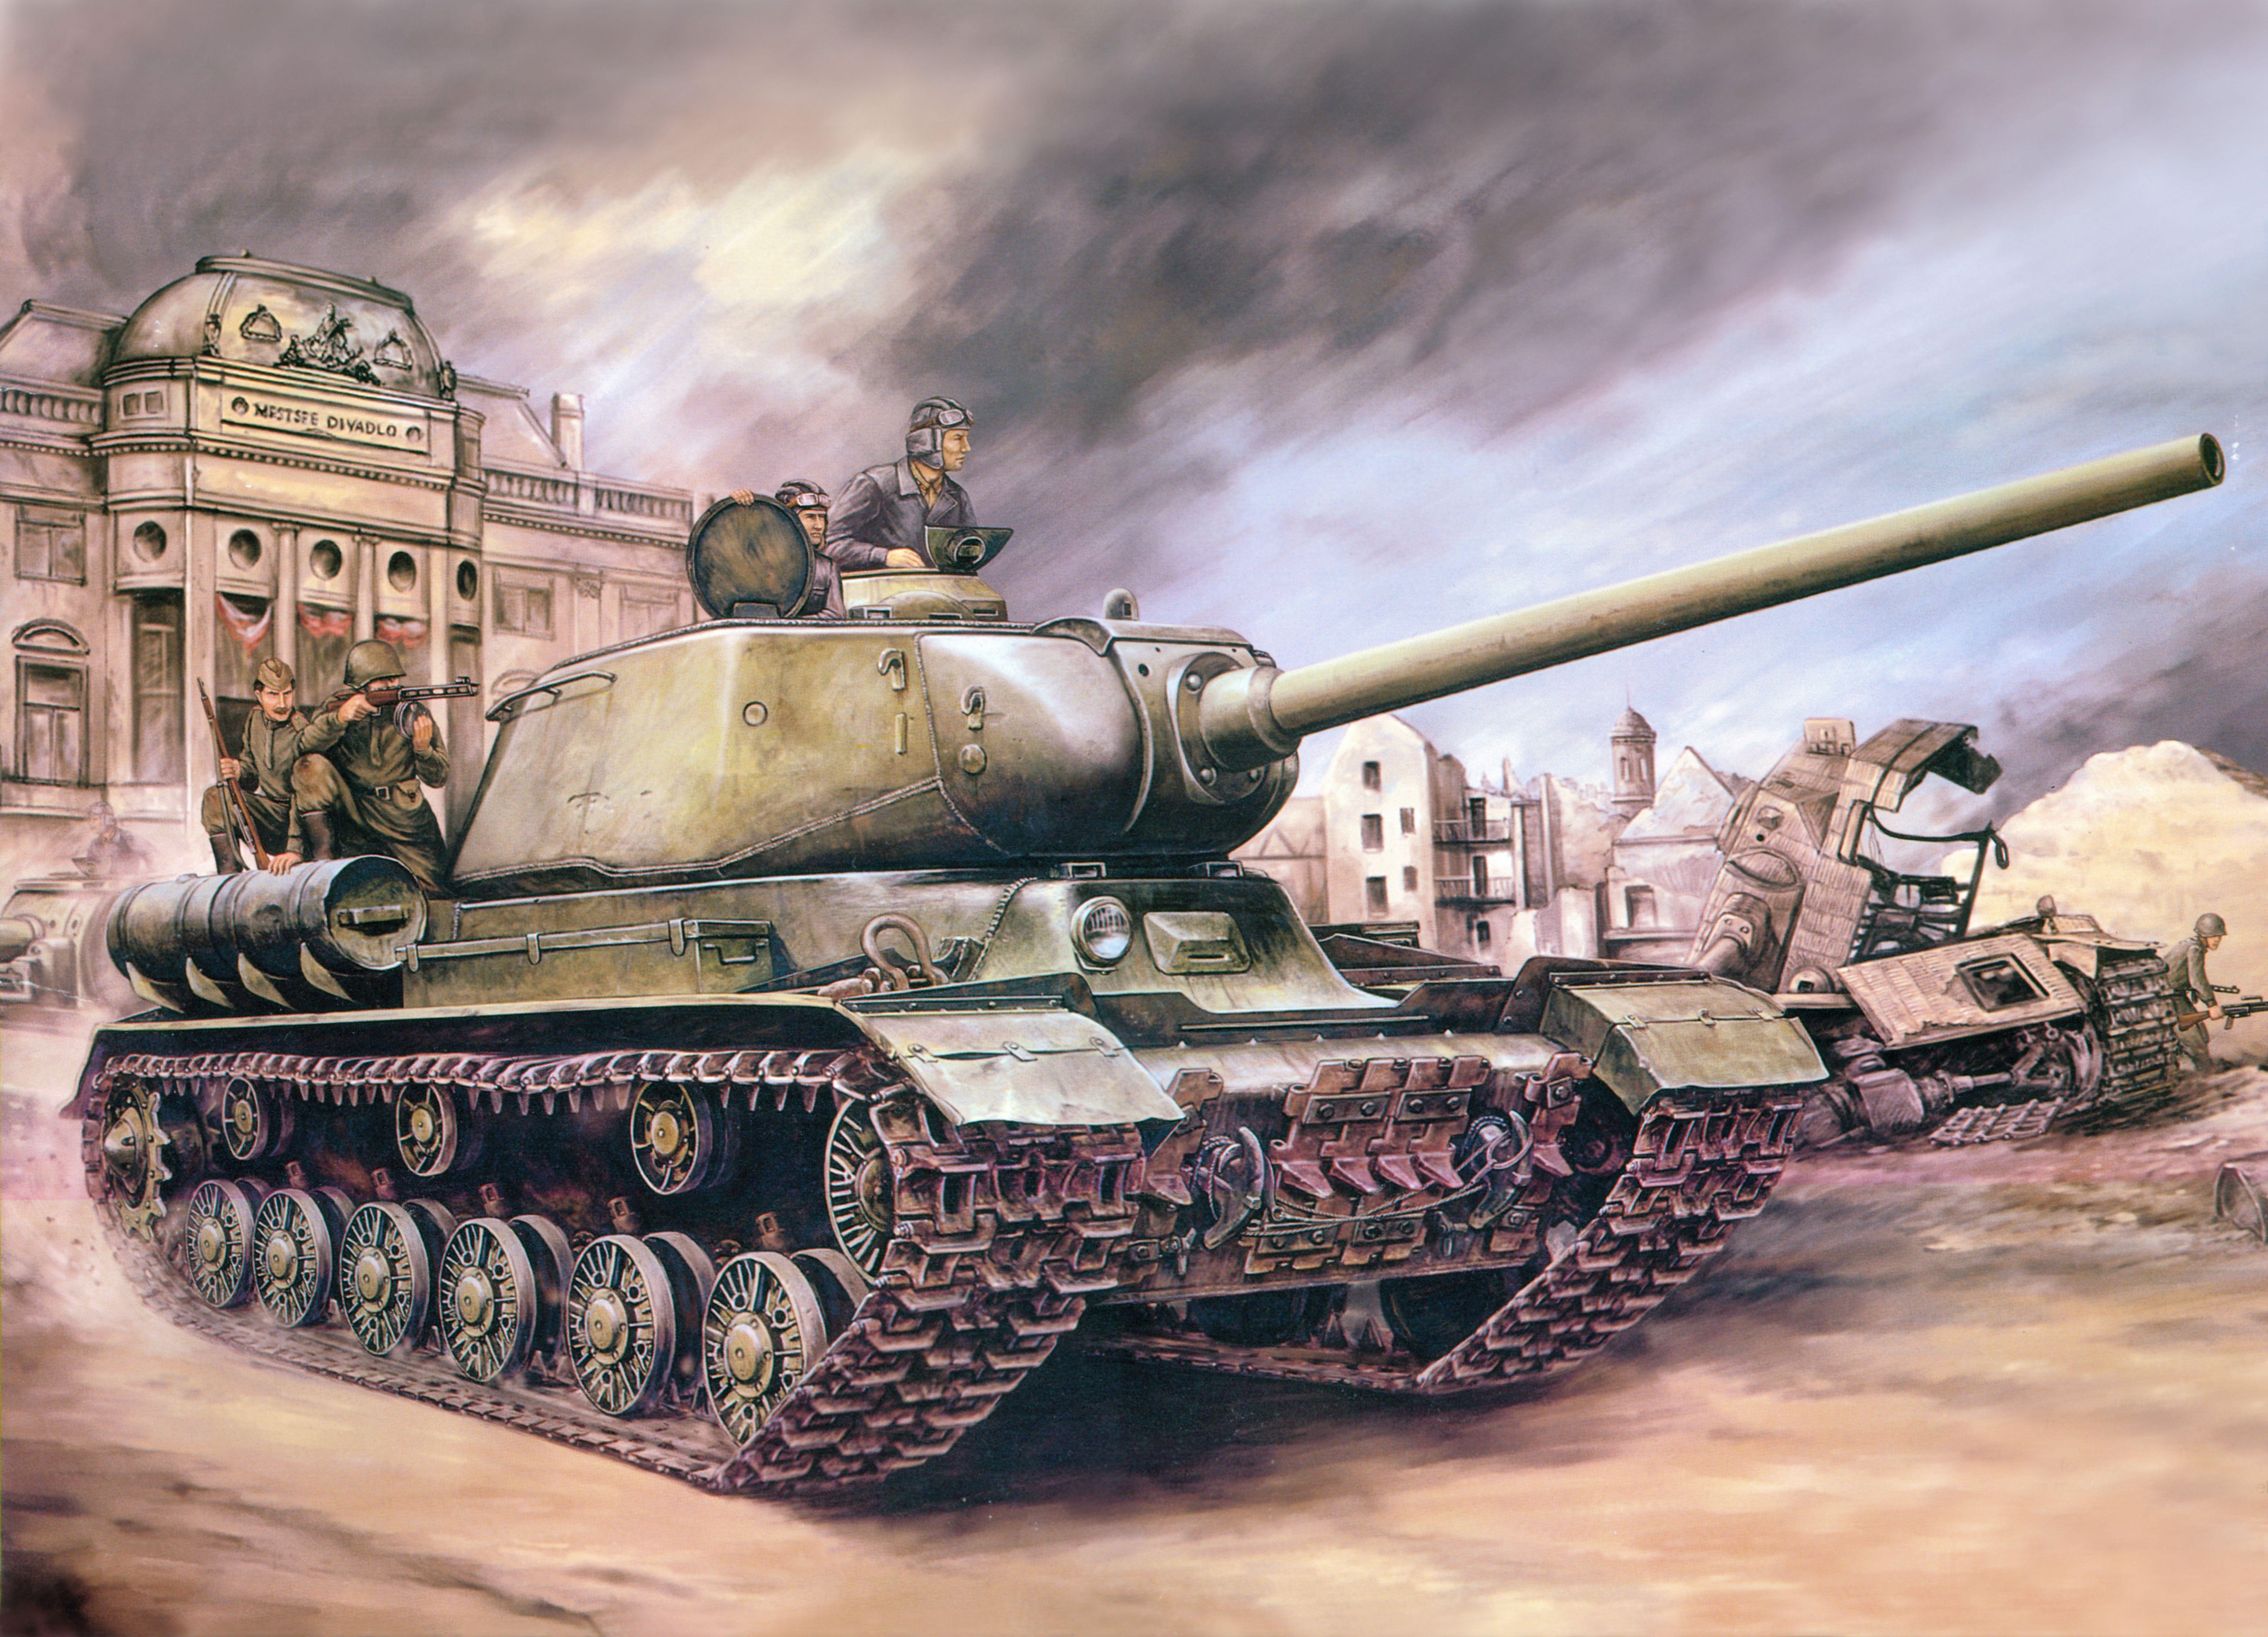 монтажа фотографии картинки советские танки вов скинхед, который